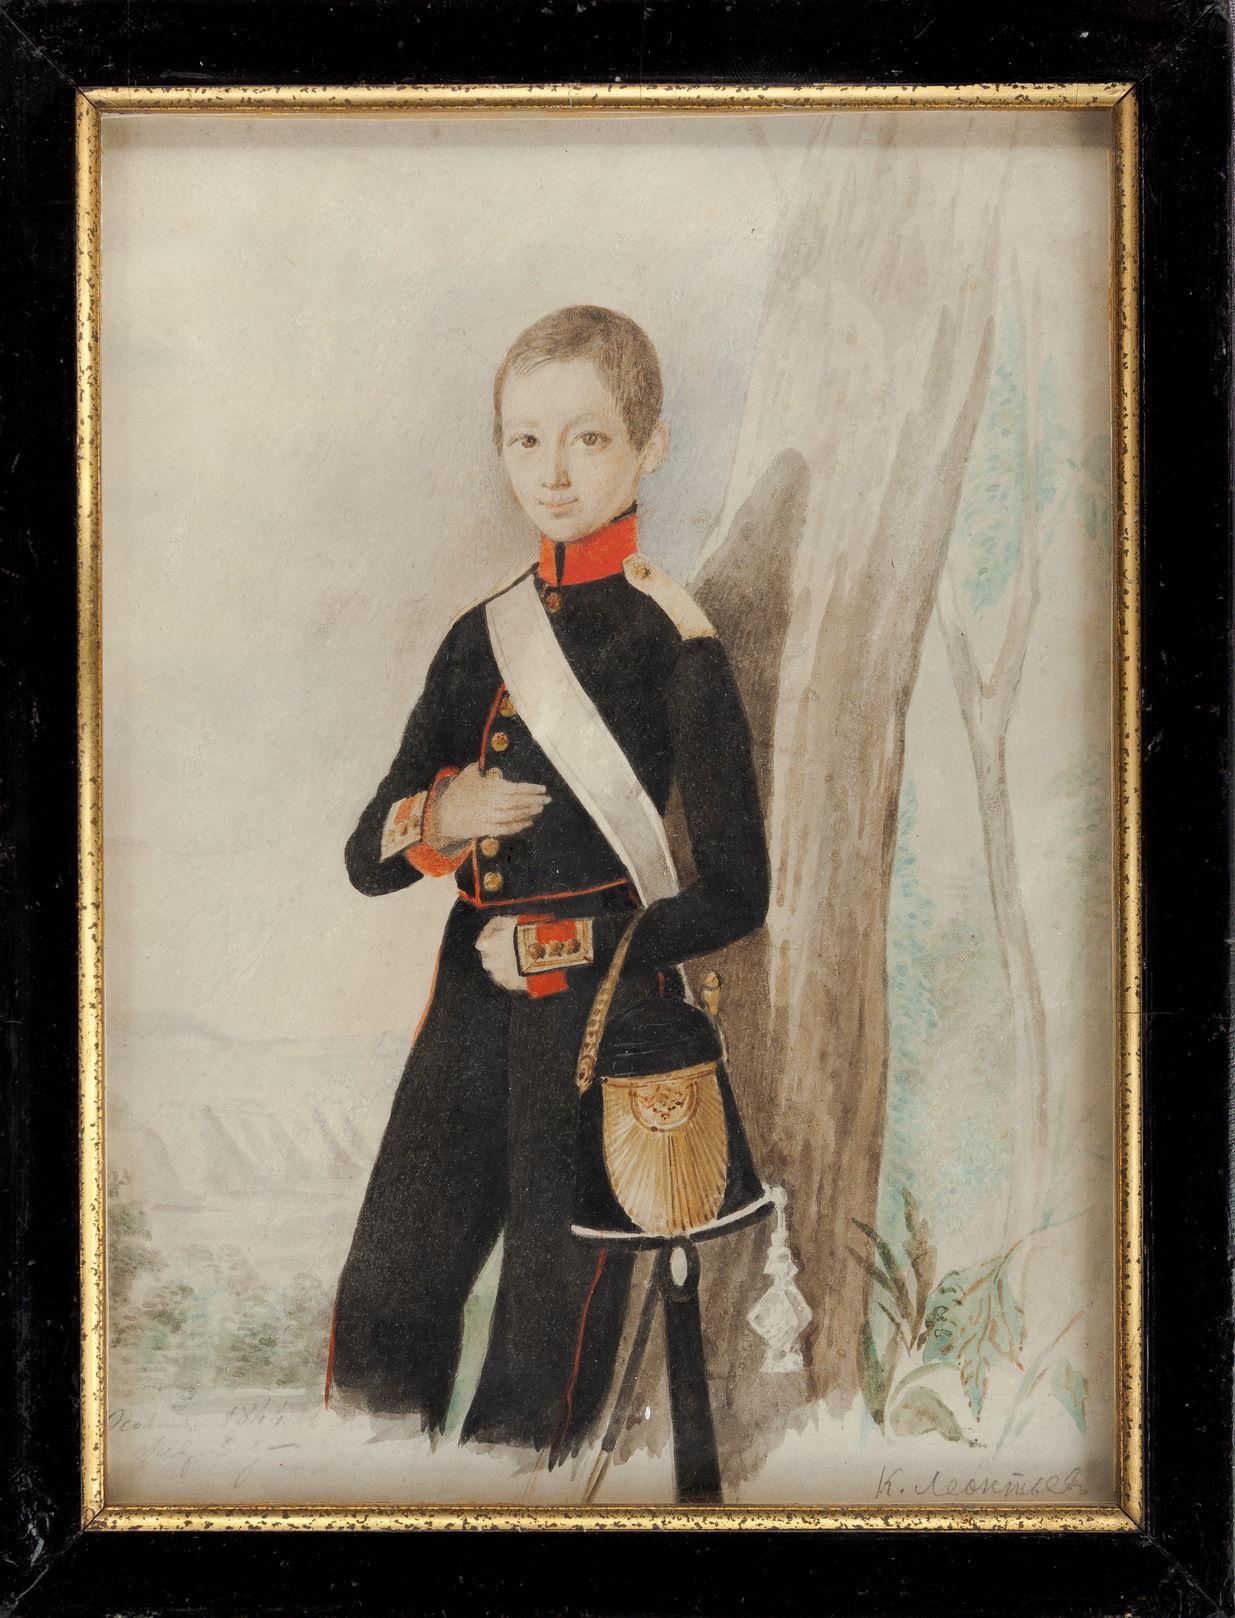 Константин Семенович Осокин Портрет К.Н. Леонтьева в форме кадета Дворянского полка.1844 г. Бумага, акварель